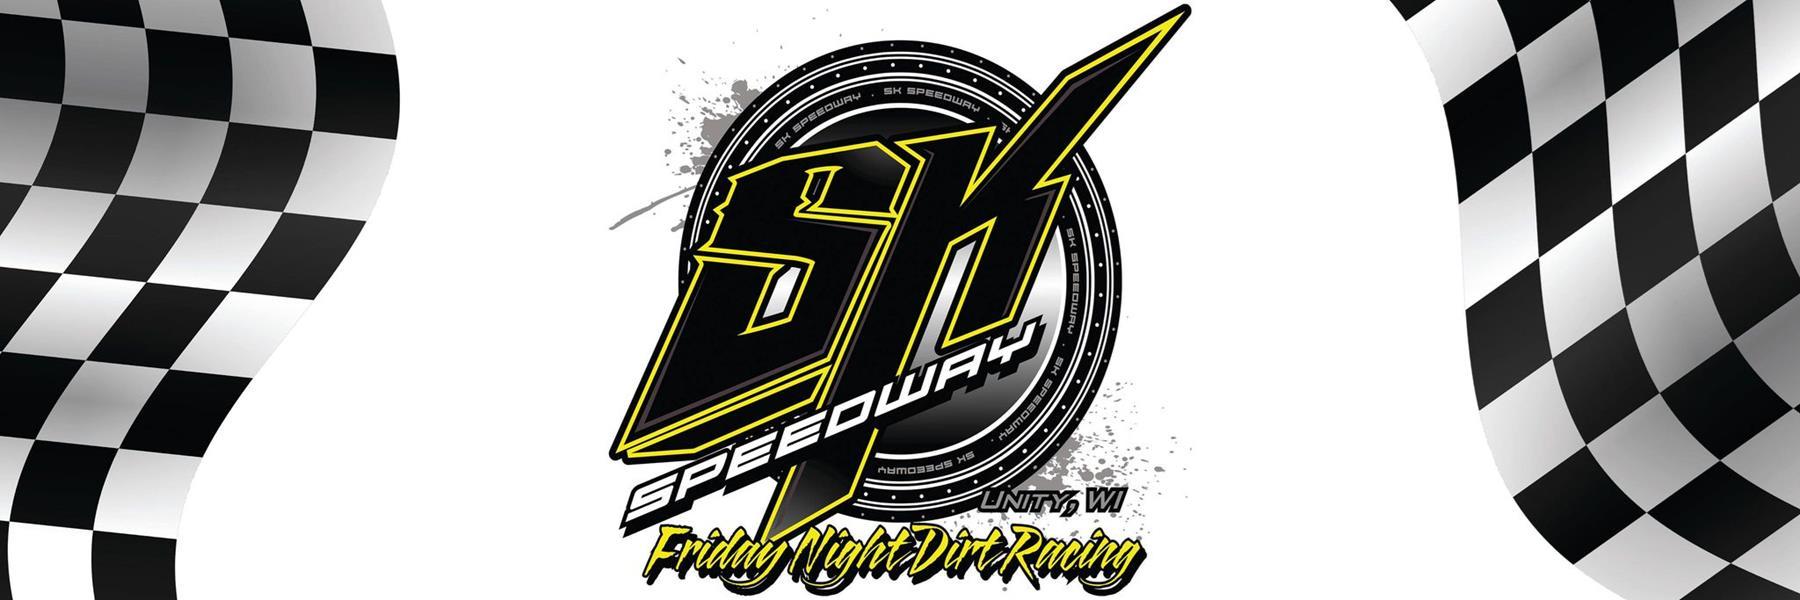 Sk Speedway